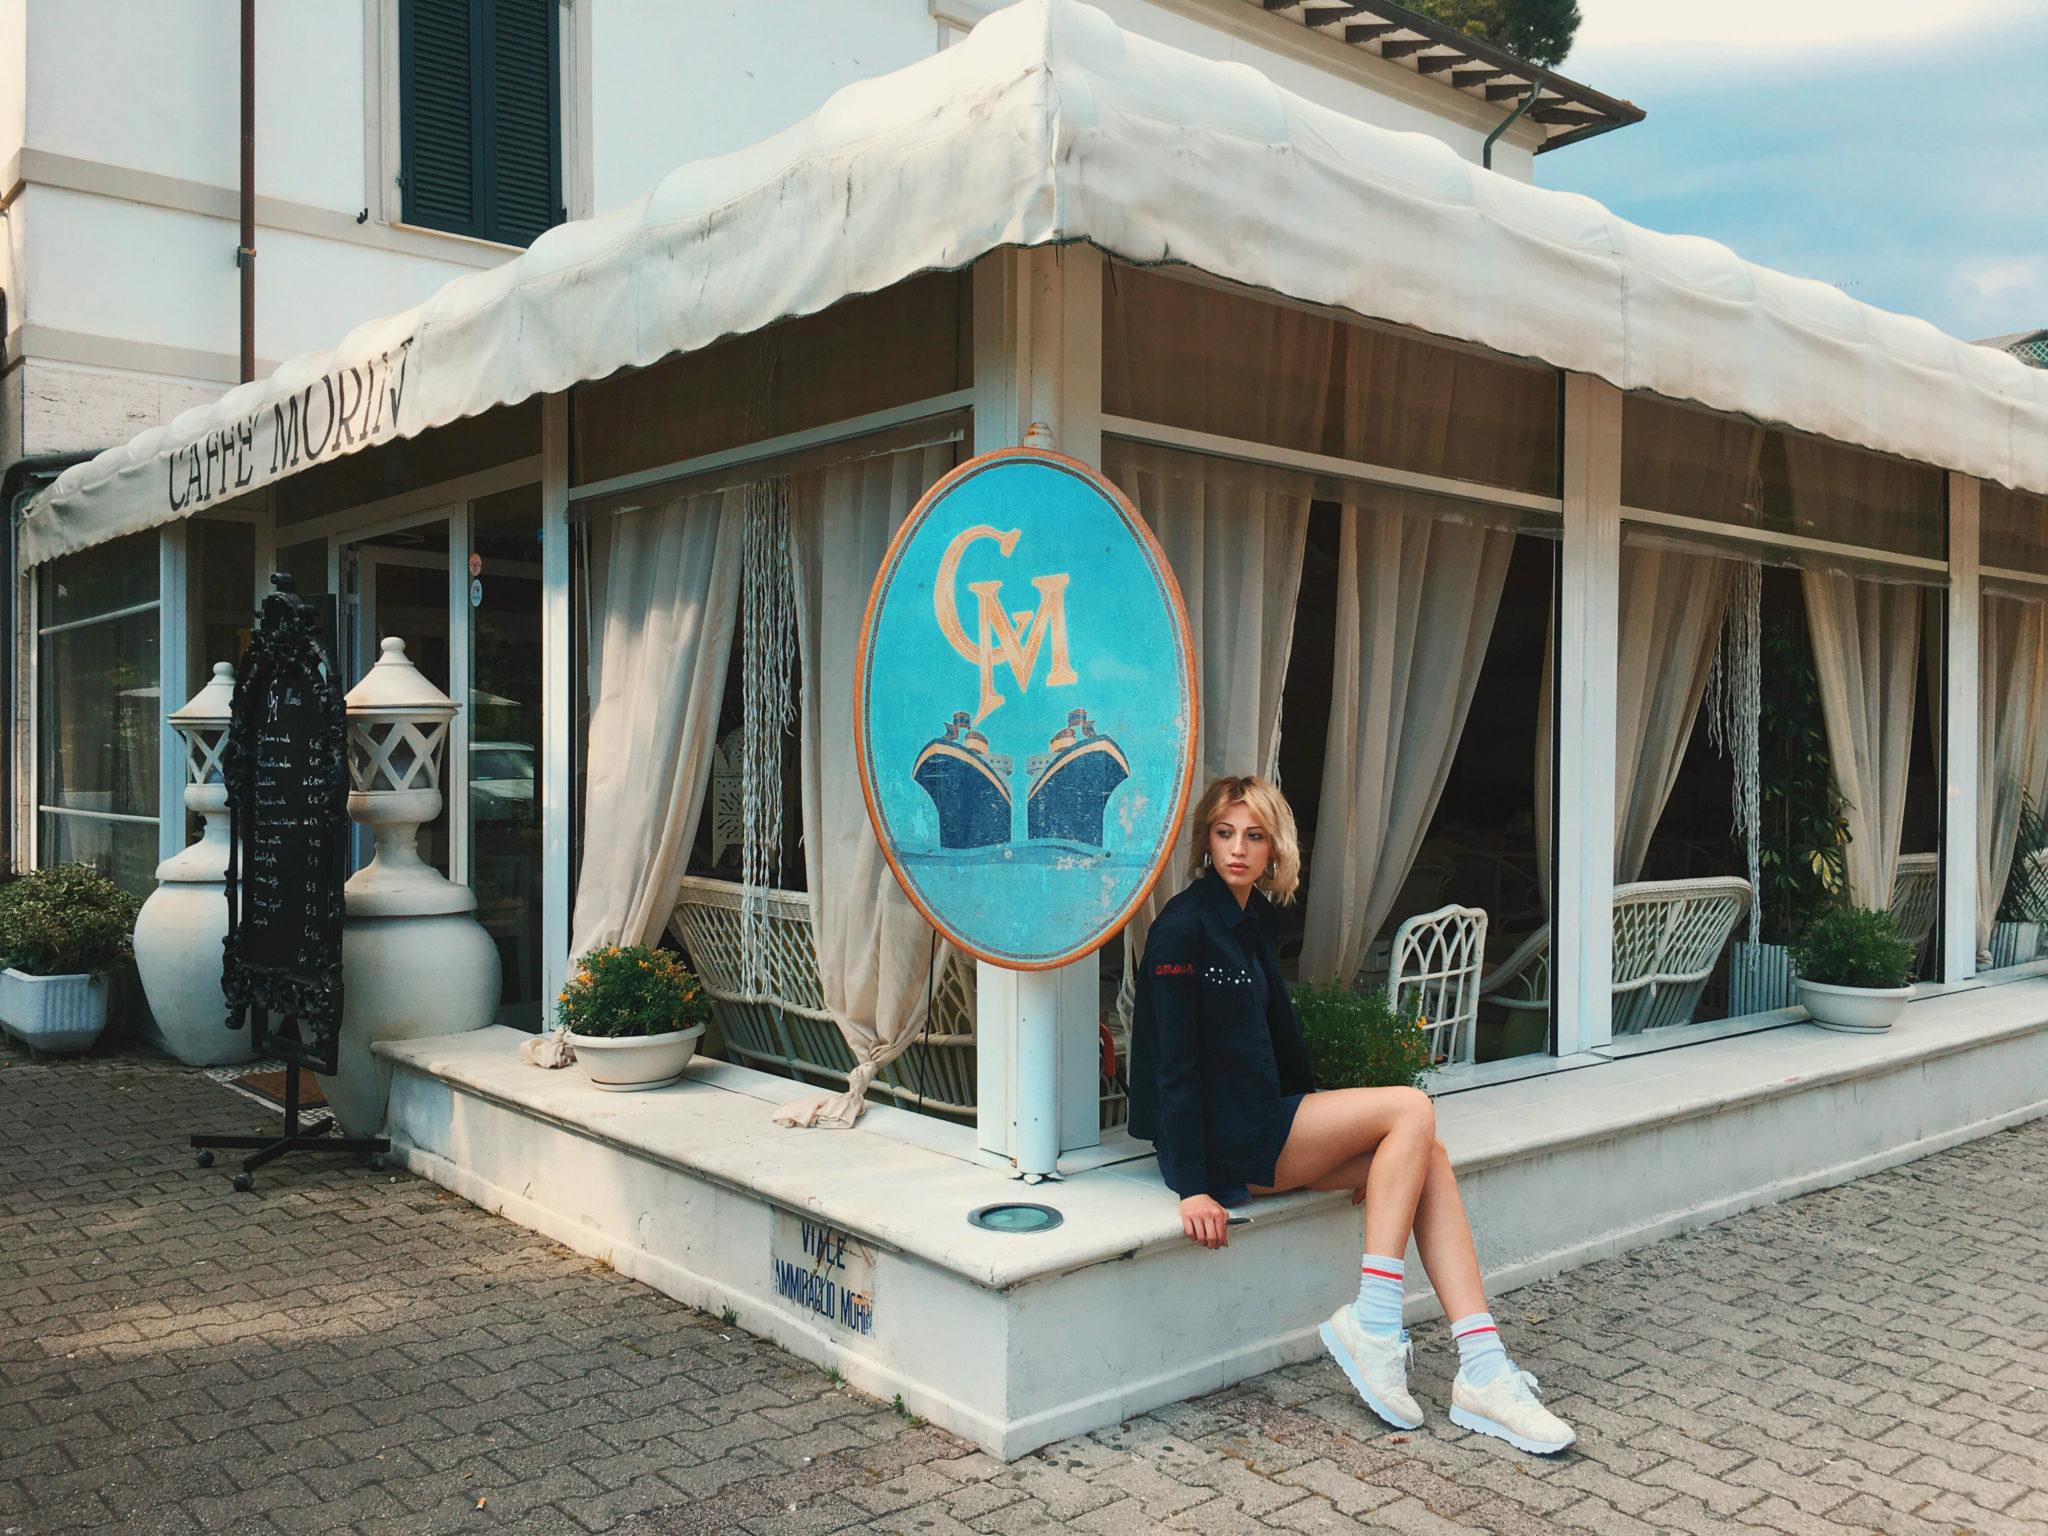 L'Almarosa Art Music & Bar, il Caffè Morin e il Beach Club Versilia: dall'aperitivo in poi, tre luoghi culto fra cocktail, dj set e mare